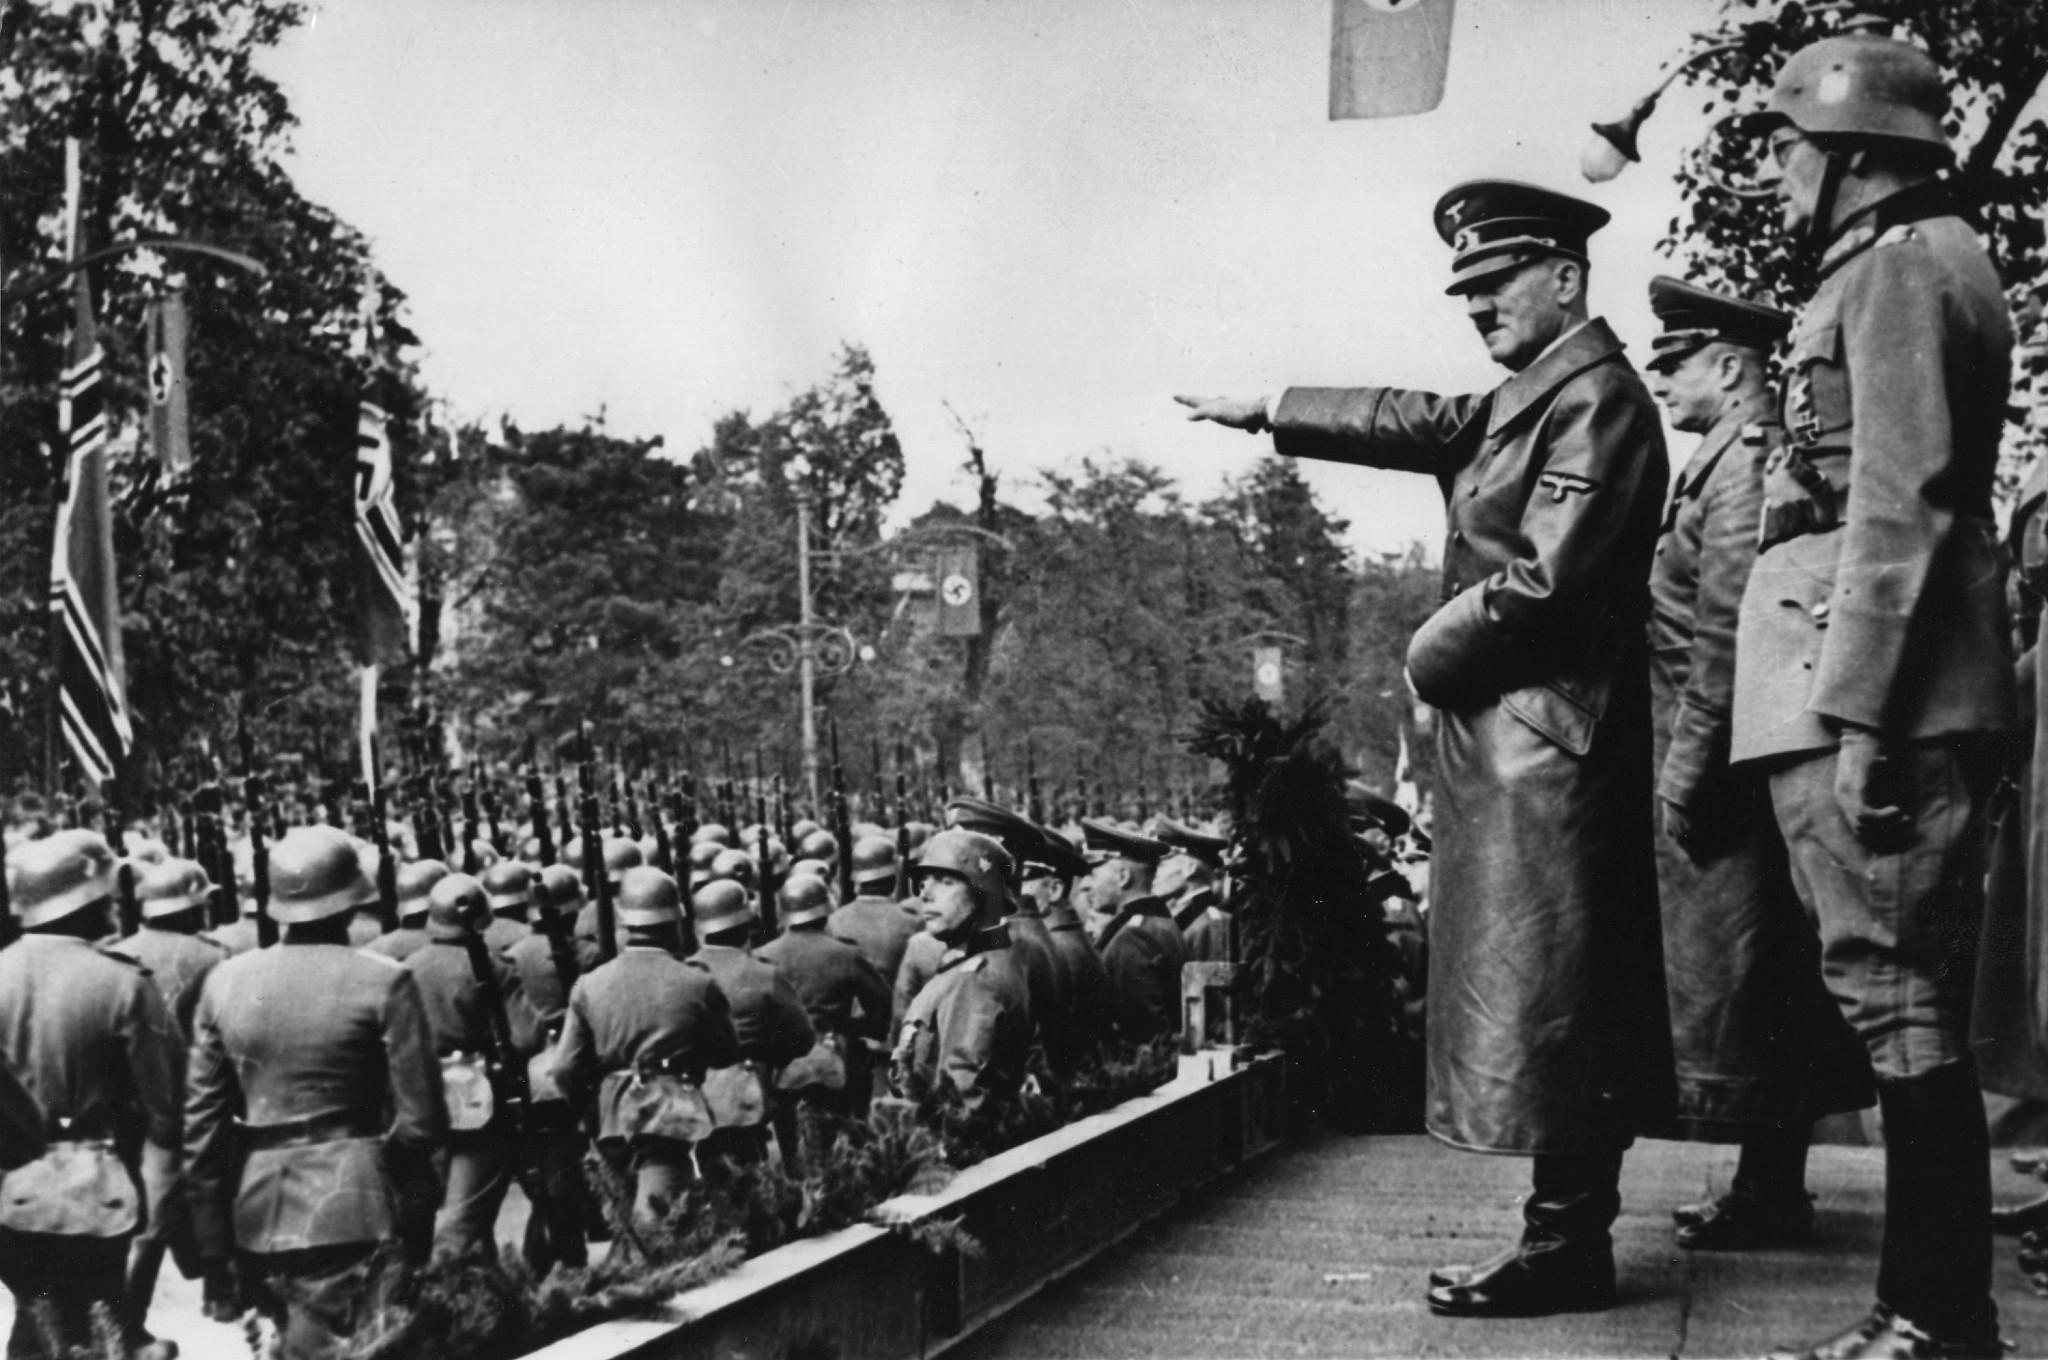 Adolf Hitler, (au centre), salue les troupes de la Wehrmacht allemande qui défilent à Varsovie, en Pologne, au mois d'octobre 1939, après l'invasion allemande. Derrière, de gauche à droite: Le commandant en chef de l'armée, le  Colonel Général Walther von Brauchitsch, le nouveau commandant de Varsovie, le Lieutenant Général Friedrich von Cochenhausen, le Colonel Général Gerd von Rundstedt, le Colonel Général Wilhelm Keitel. (Crédit : AP Photo)